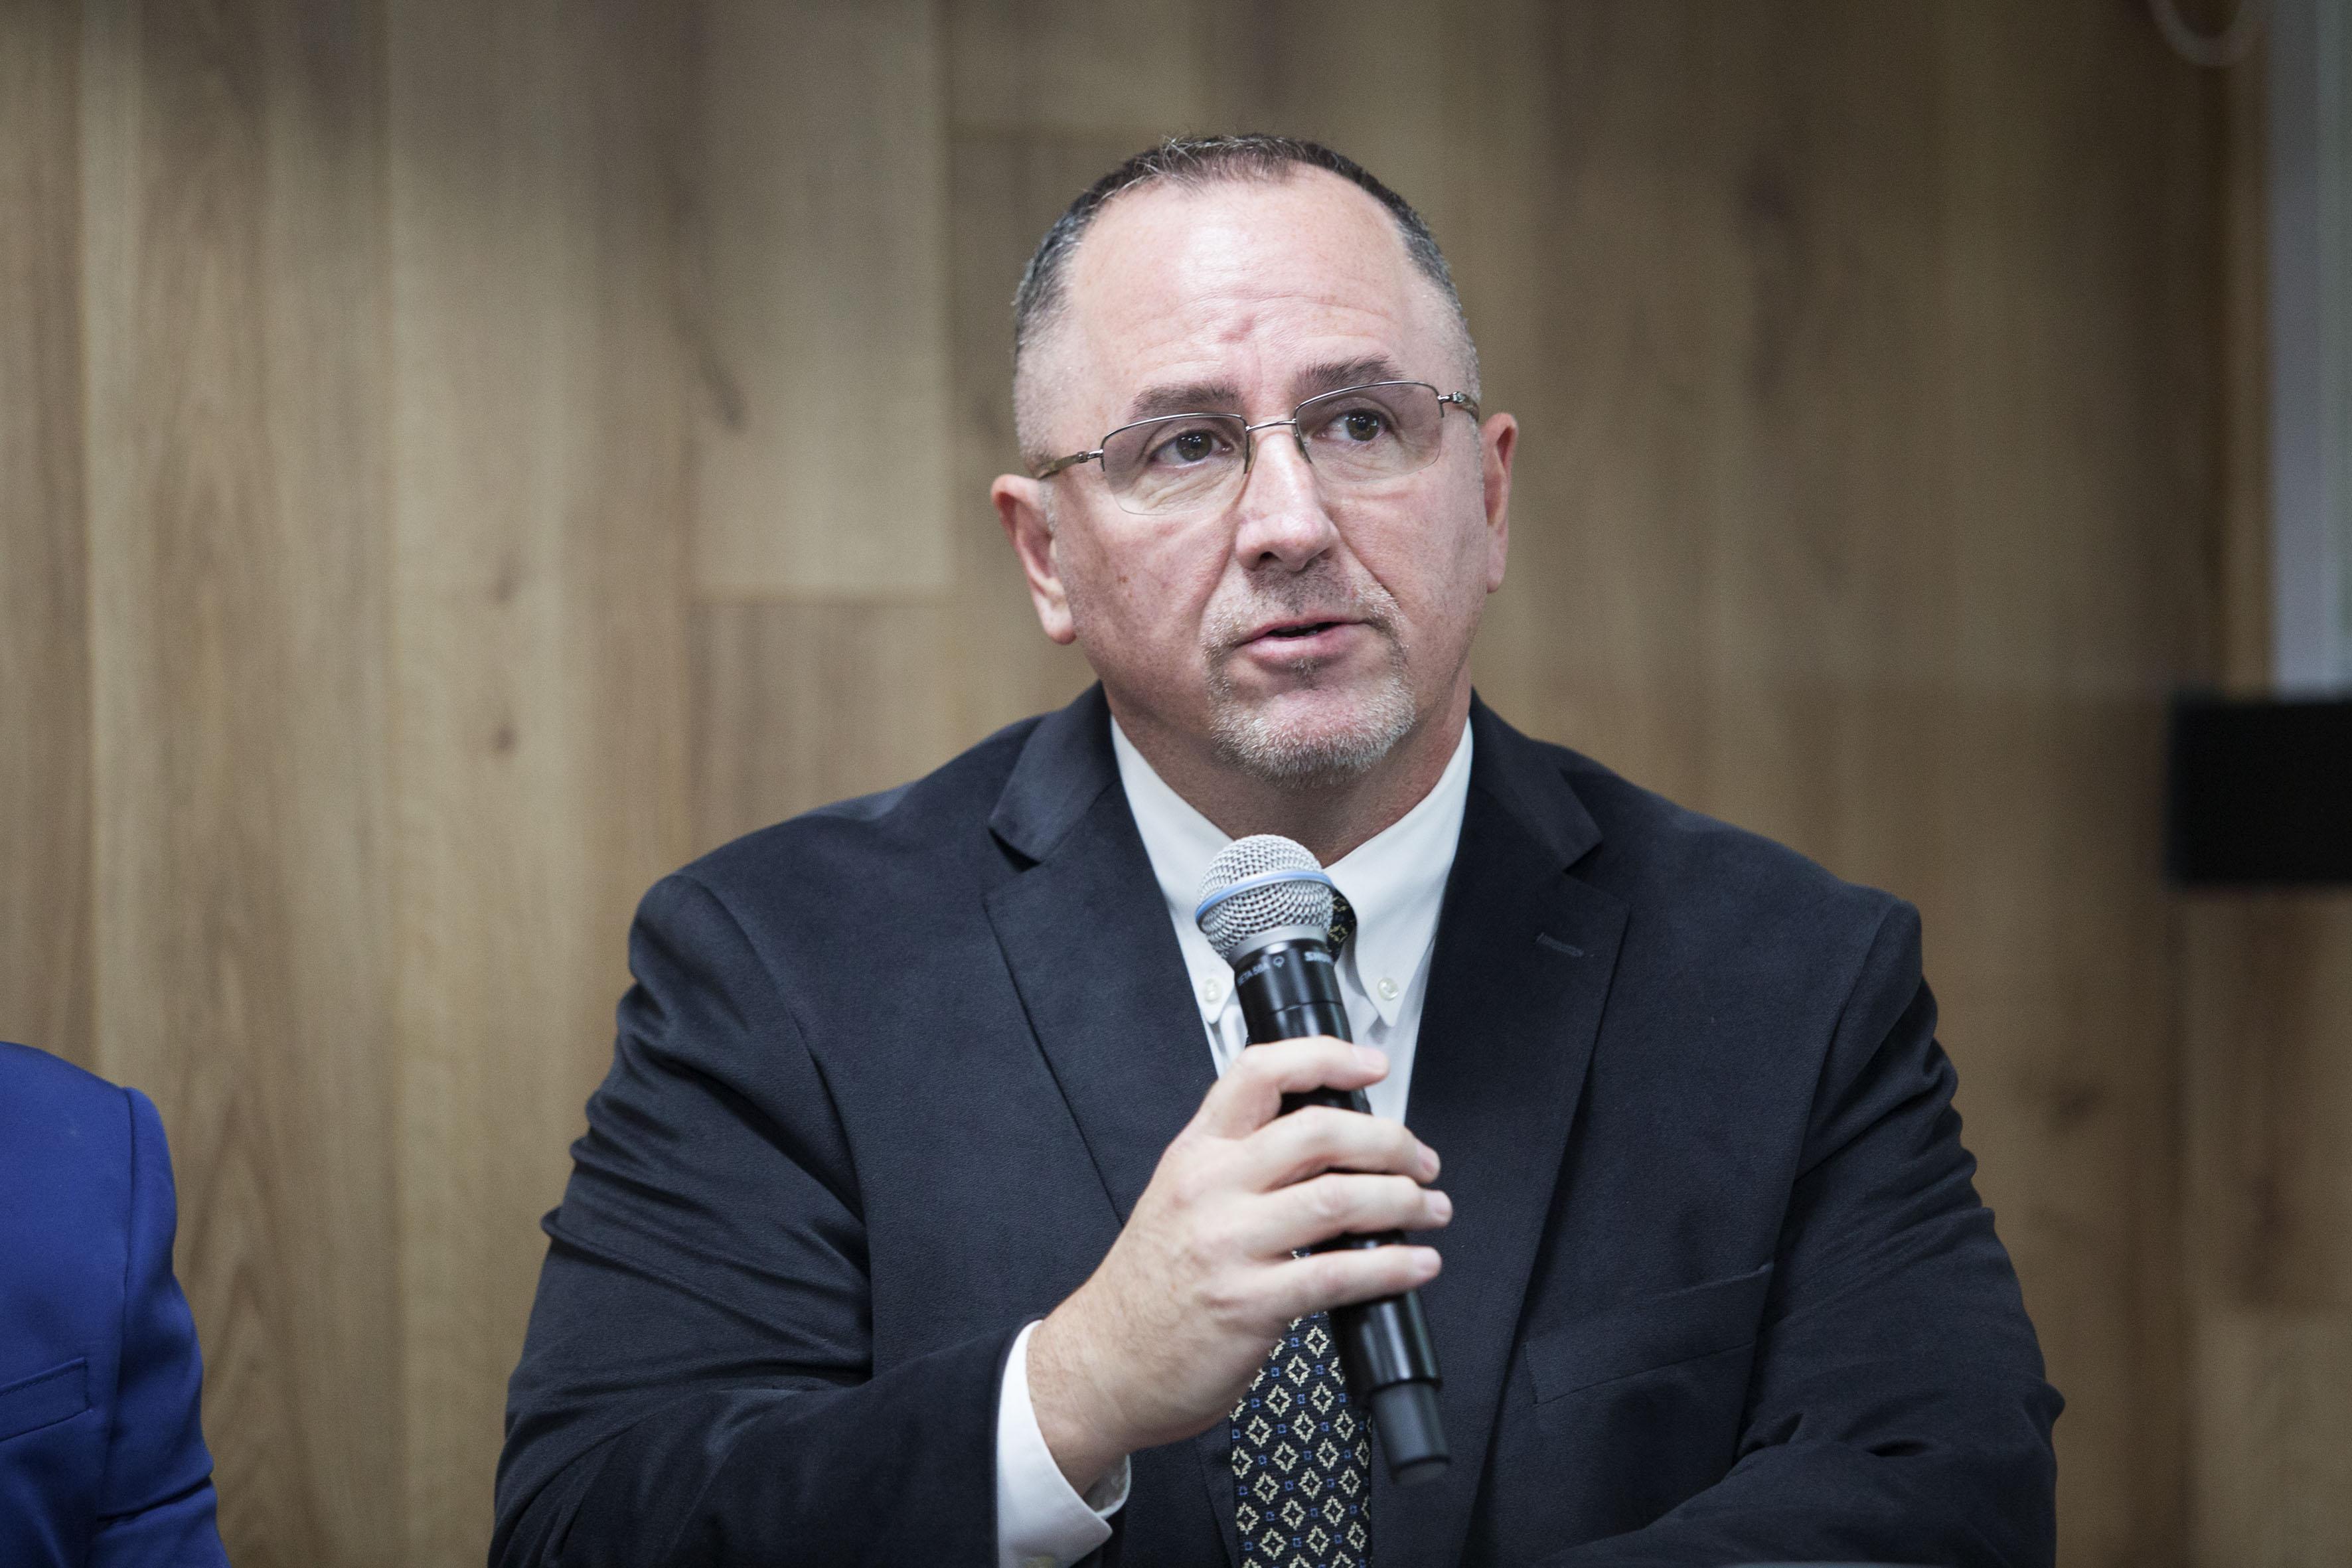 Mike Peinado, Vicepresidente de Operaciones Comerciales de la empresa TechBridge